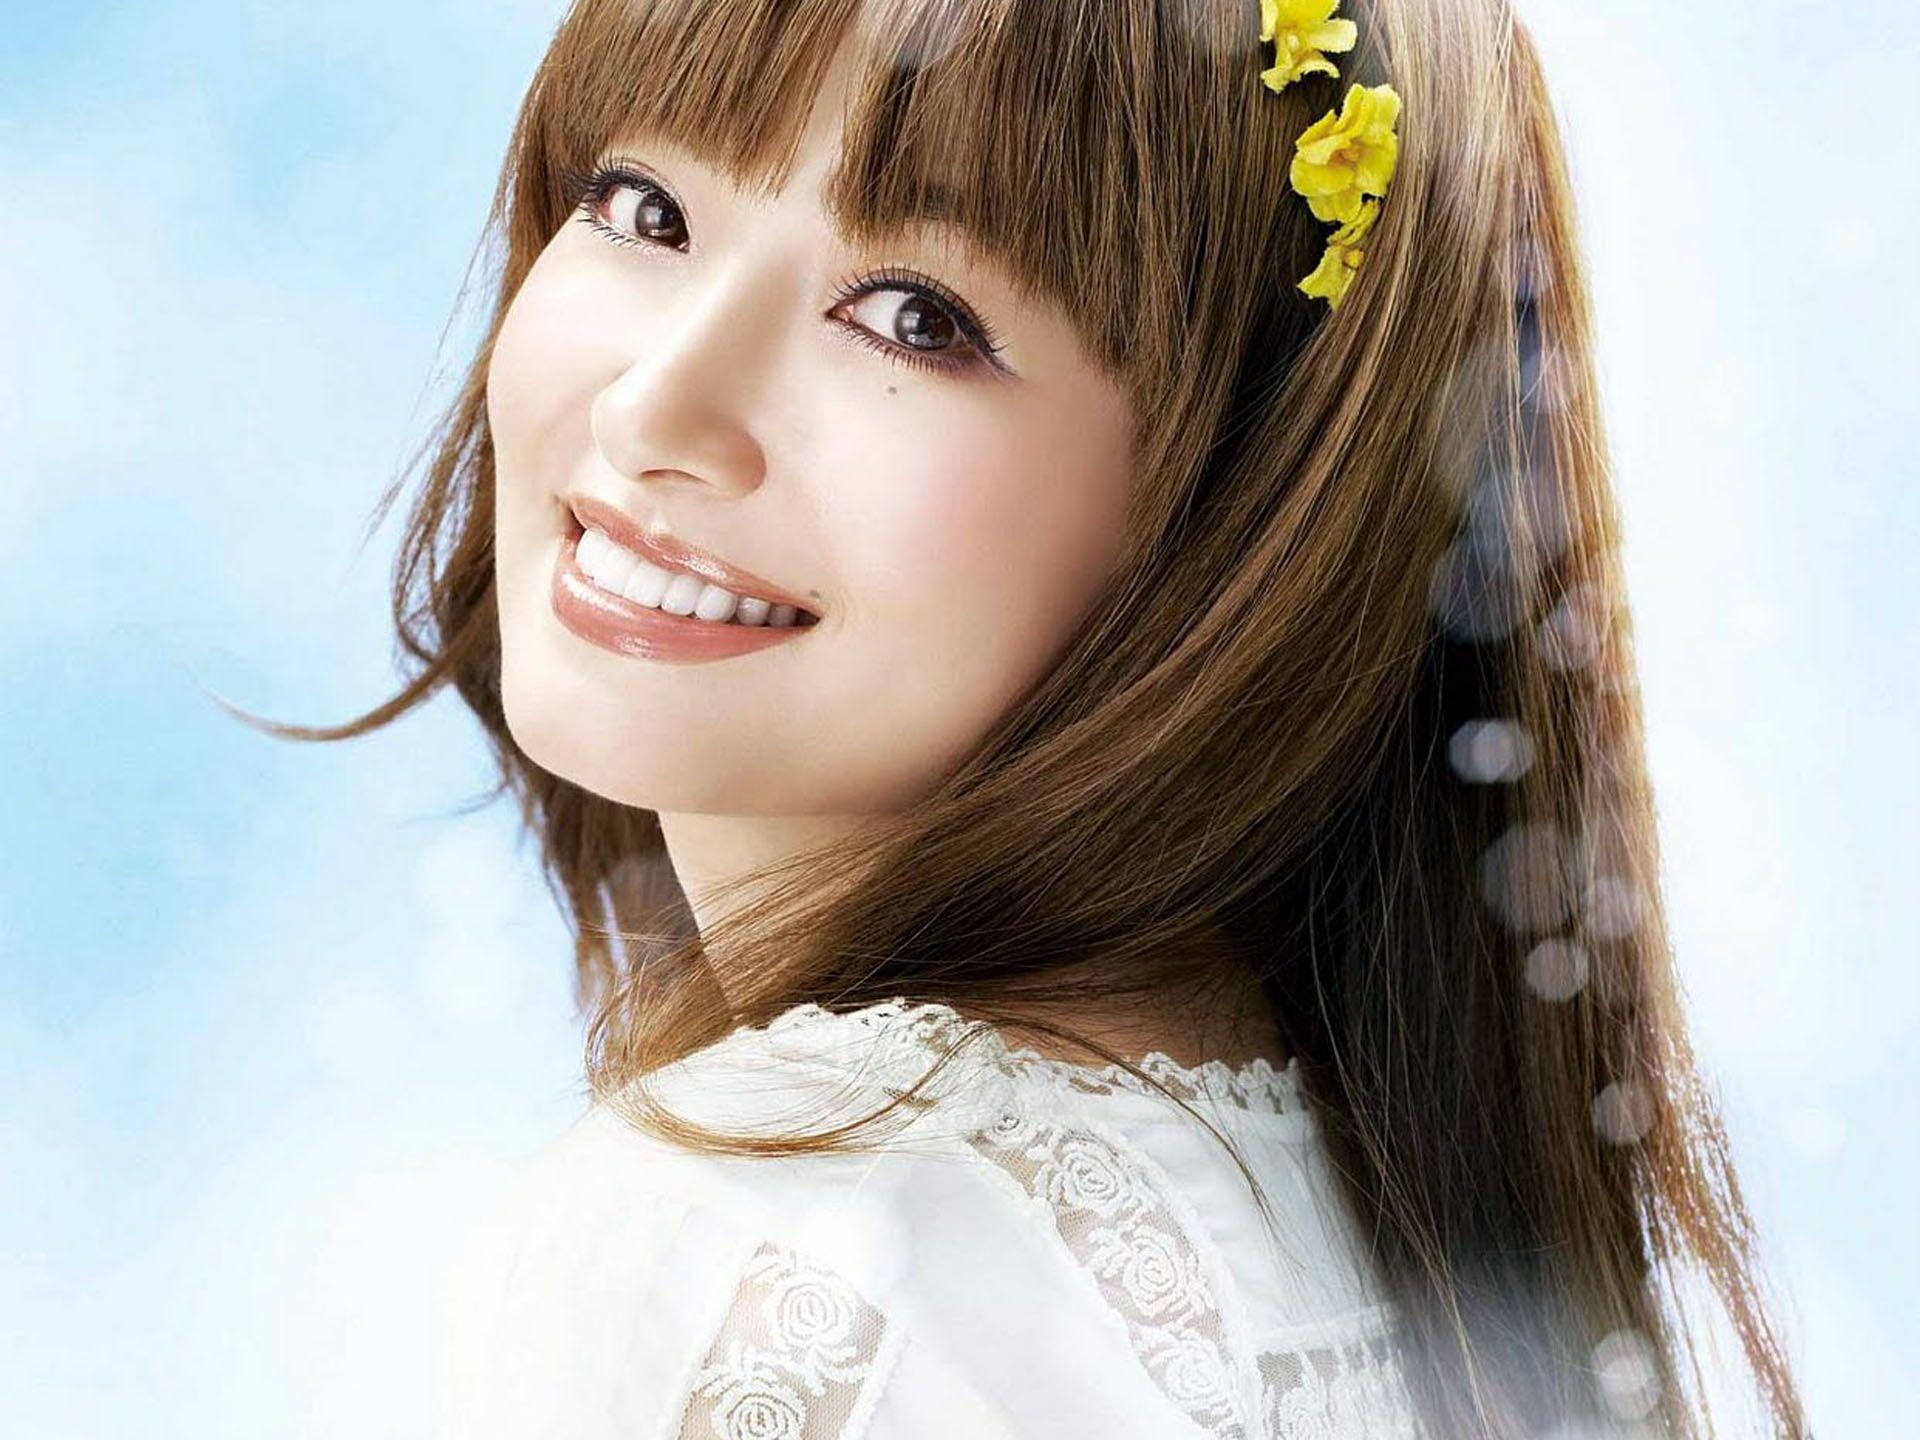 平子理沙と同年齢の芸能人は誰がいる?昭和46年生まれ特集!のサムネイル画像